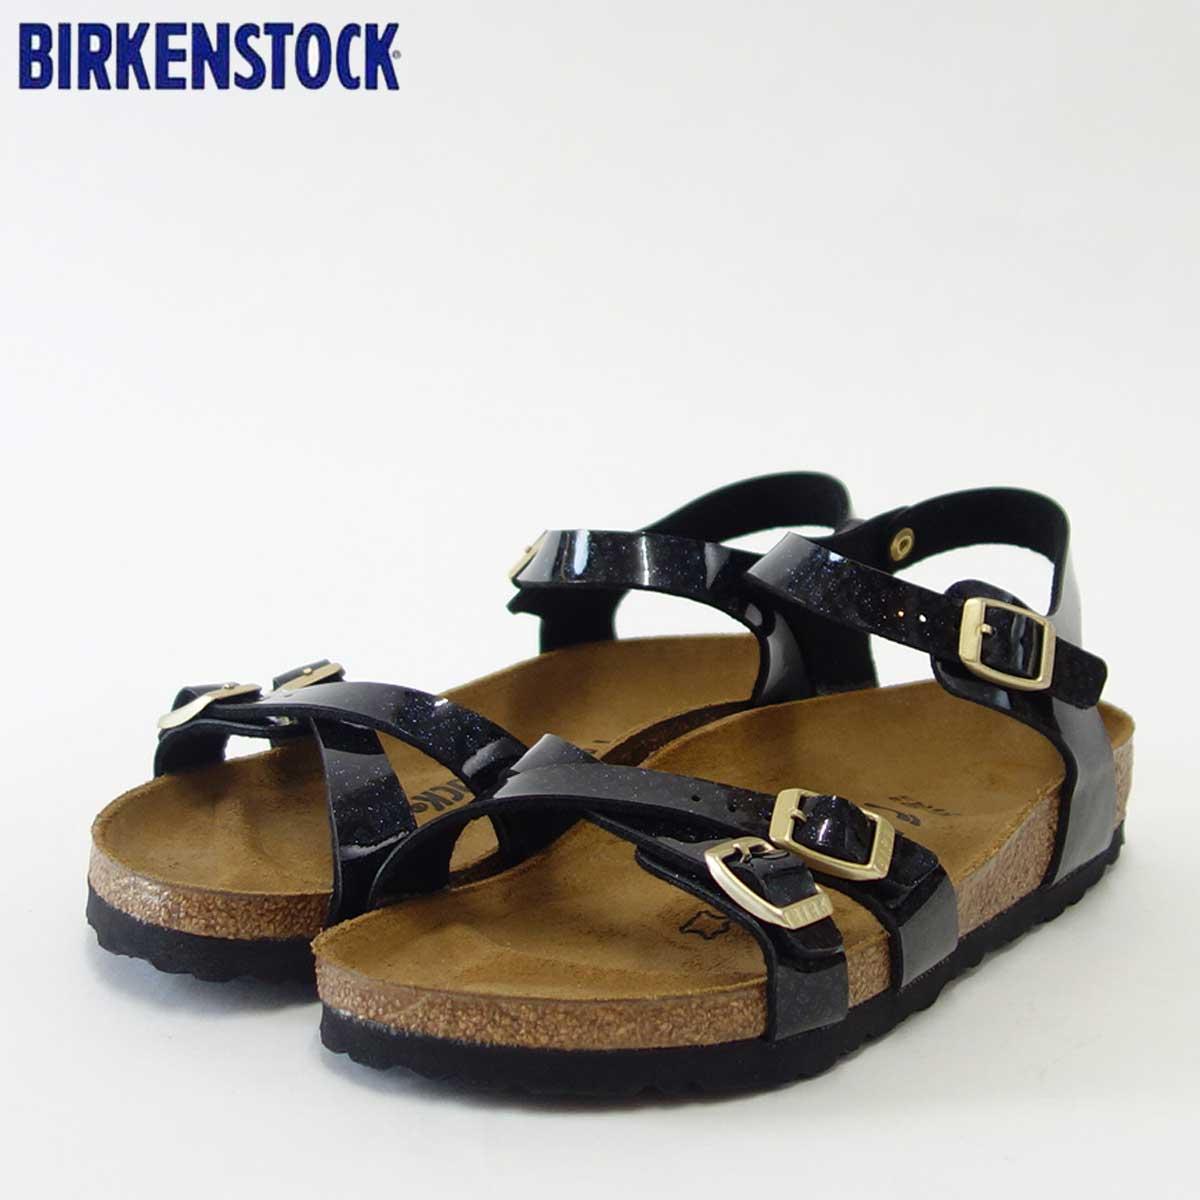 BIRKENSTOCK ビルケンシュトック KUMBA(クンバ)GC 1009135 マジックスネークブラック(レディース)「正規輸入品」ドイツ生まれの快適サンダル「靴」